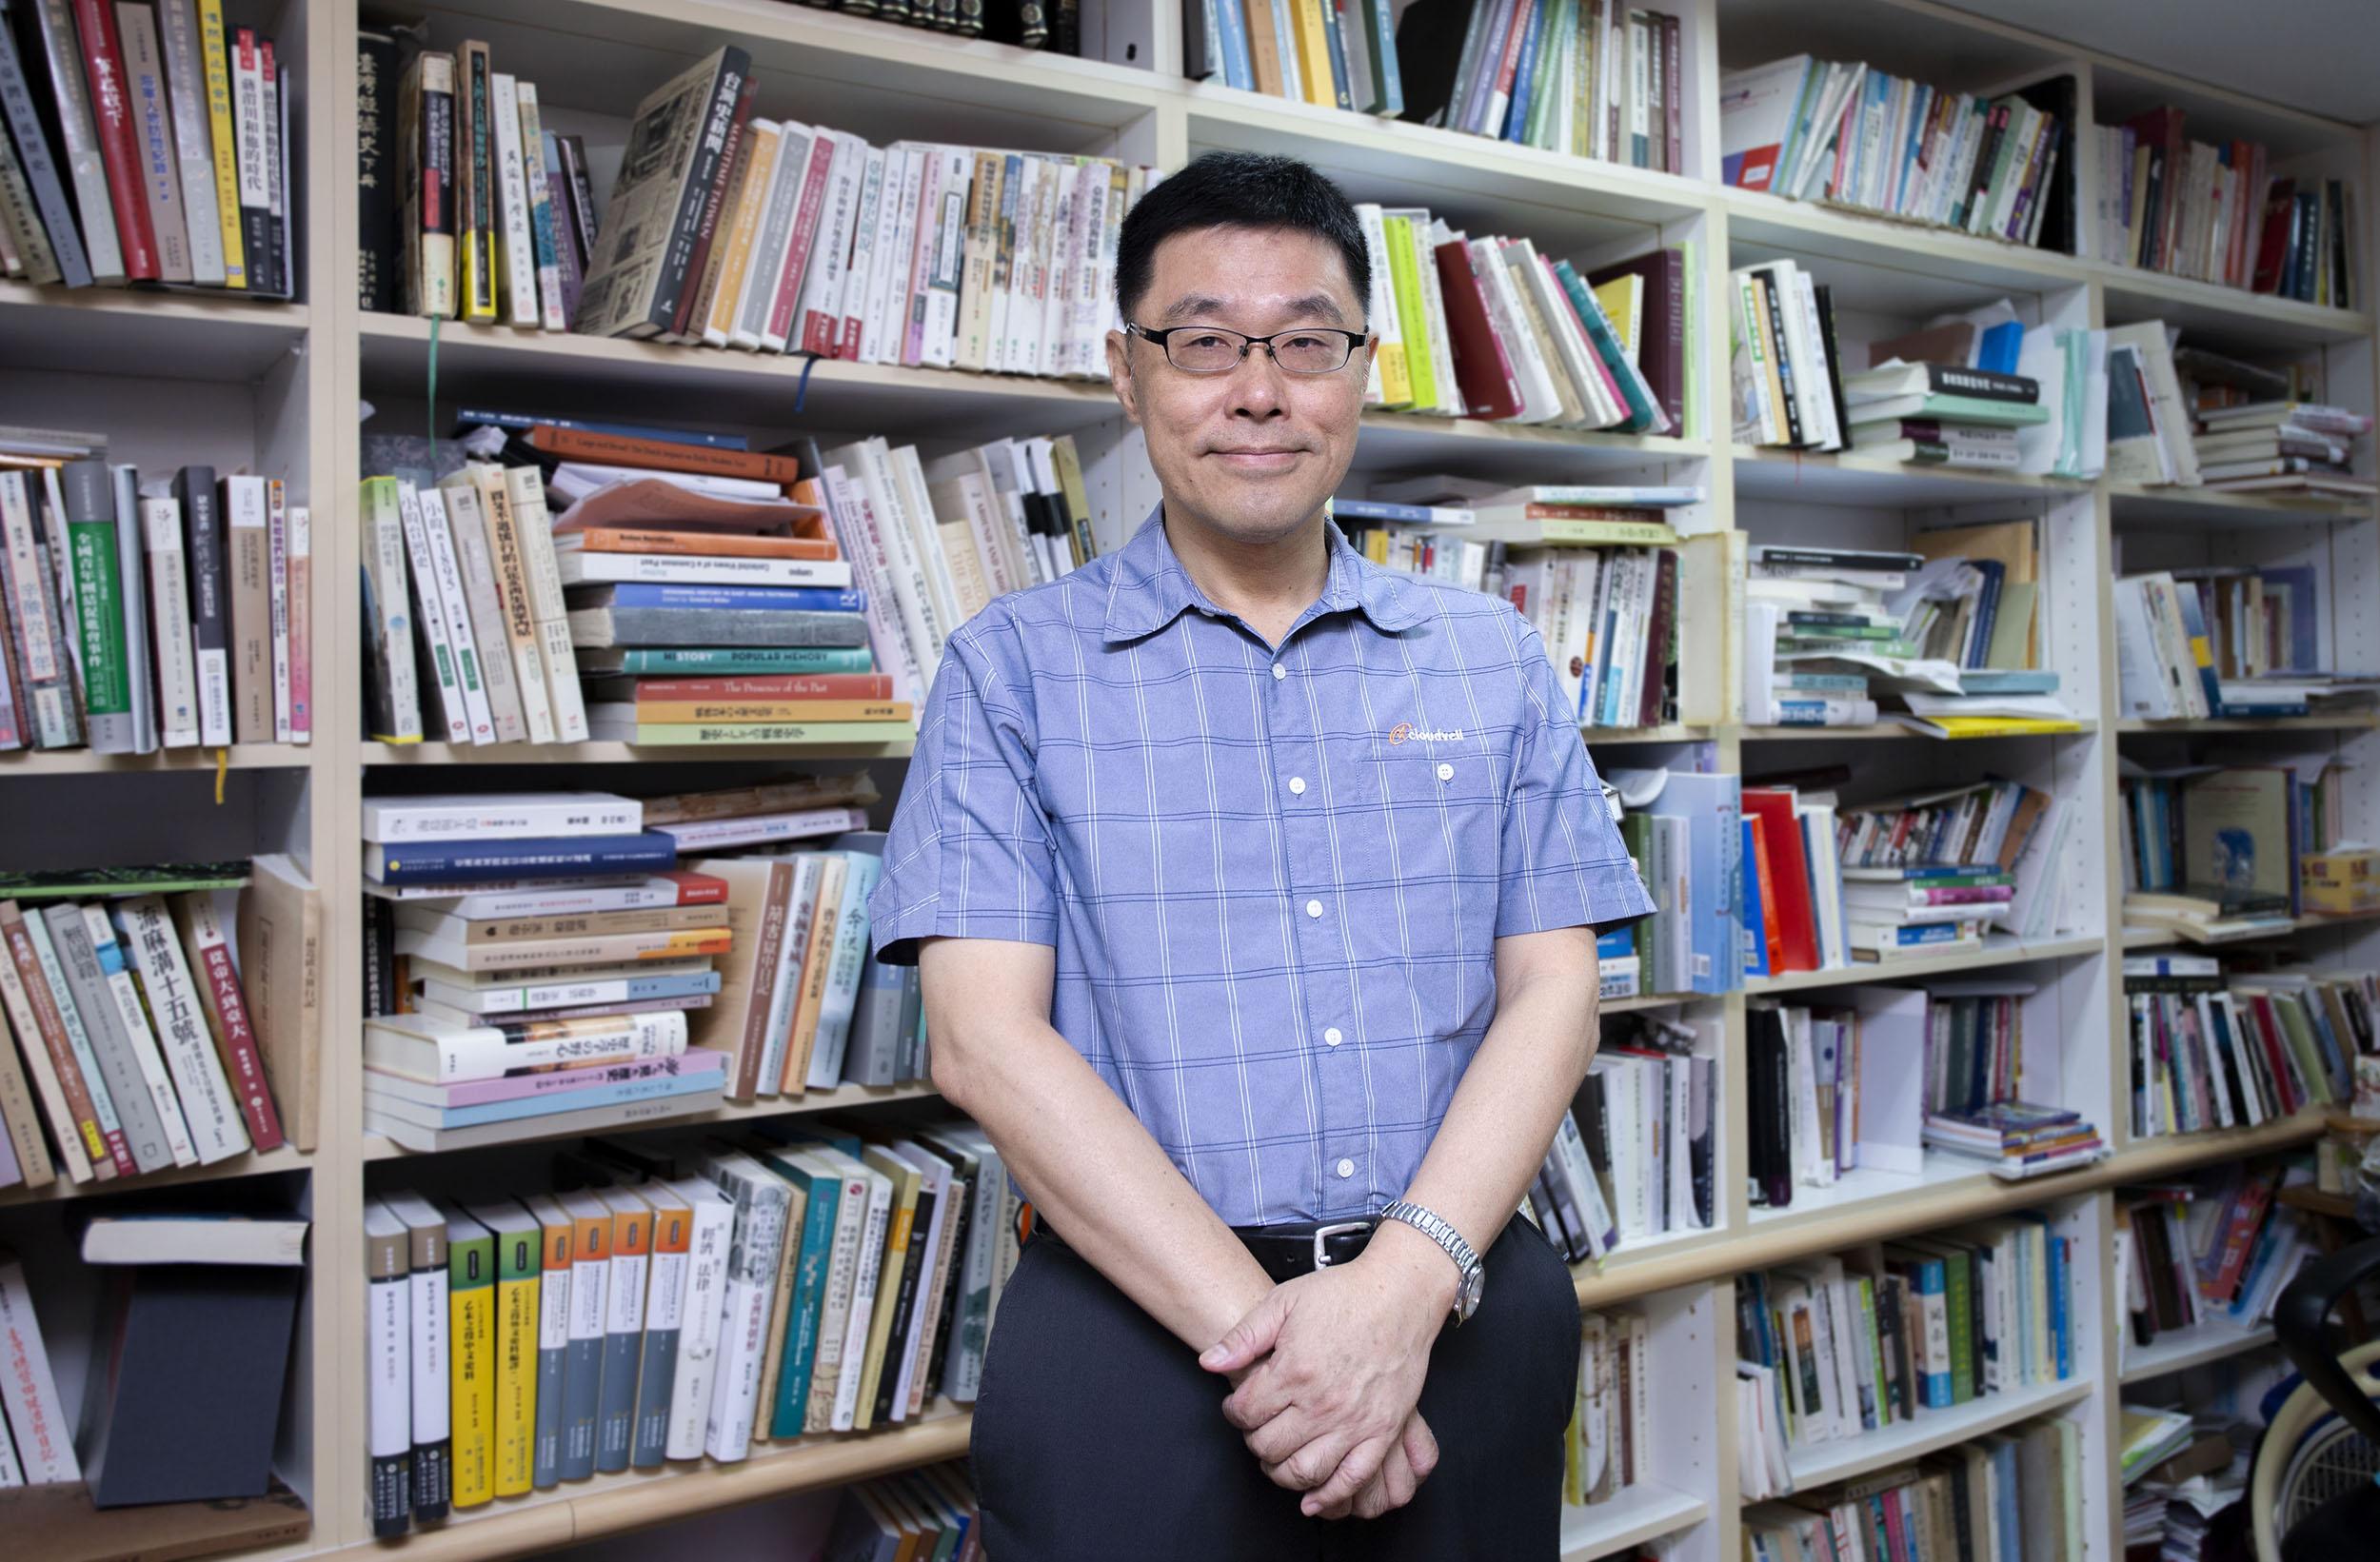 從歷史記憶、文化資產的探討,到公共歷史的知識傳播,張隆志認為臺灣仍有許多發展空間,他很期待未來能參與更多博物館、文資合作,從歷史人文角度促進更多公共對話。攝影│林洵安